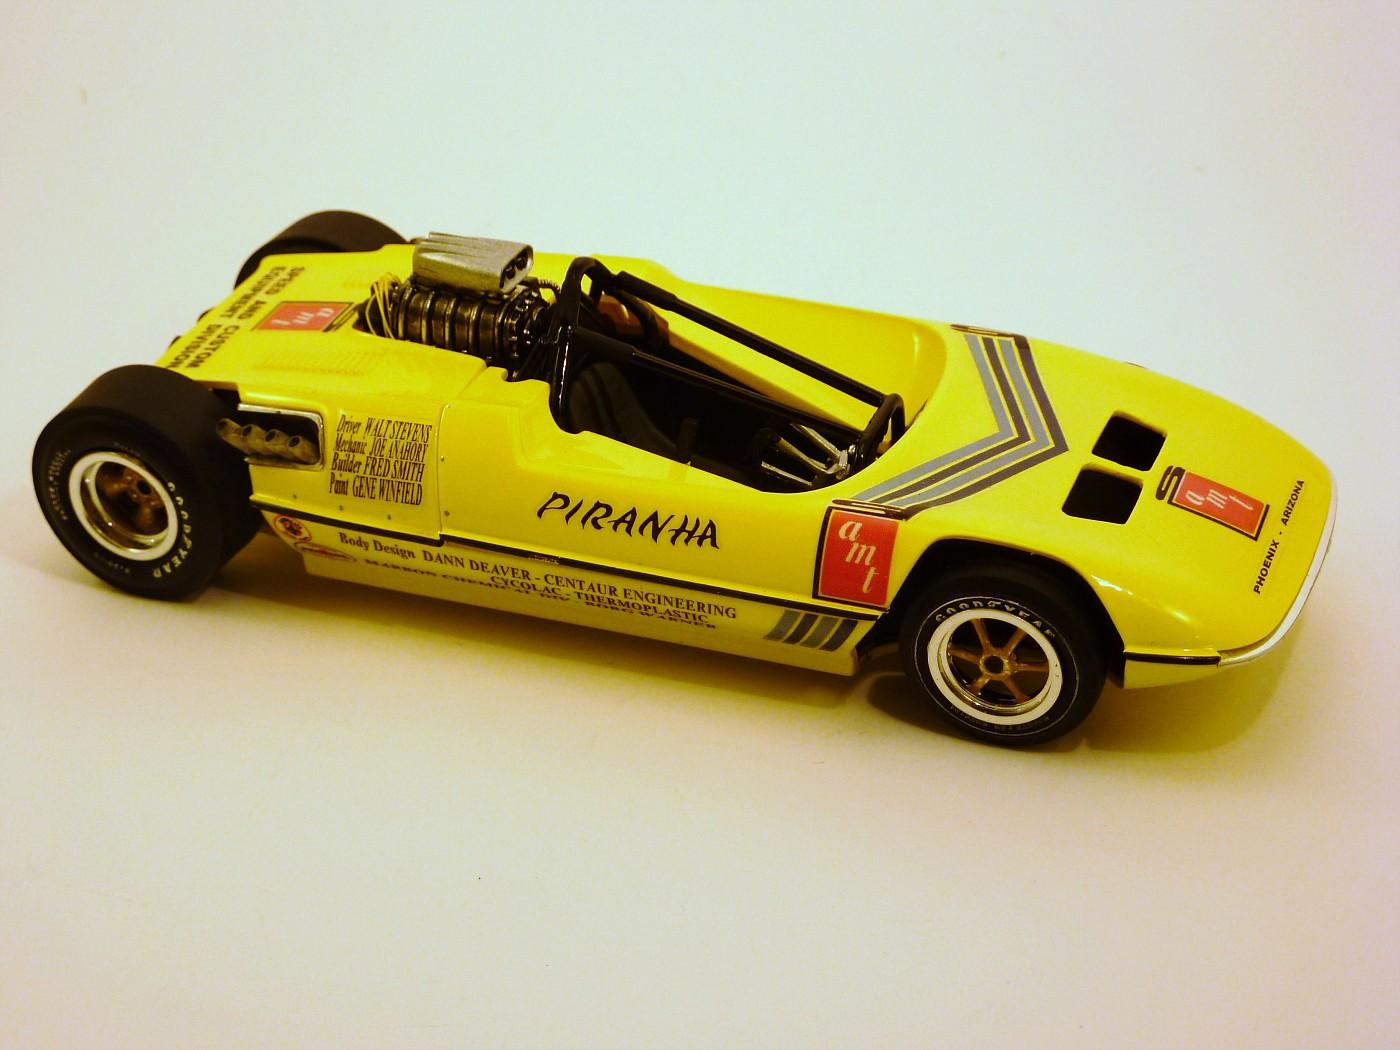 funny car piranha